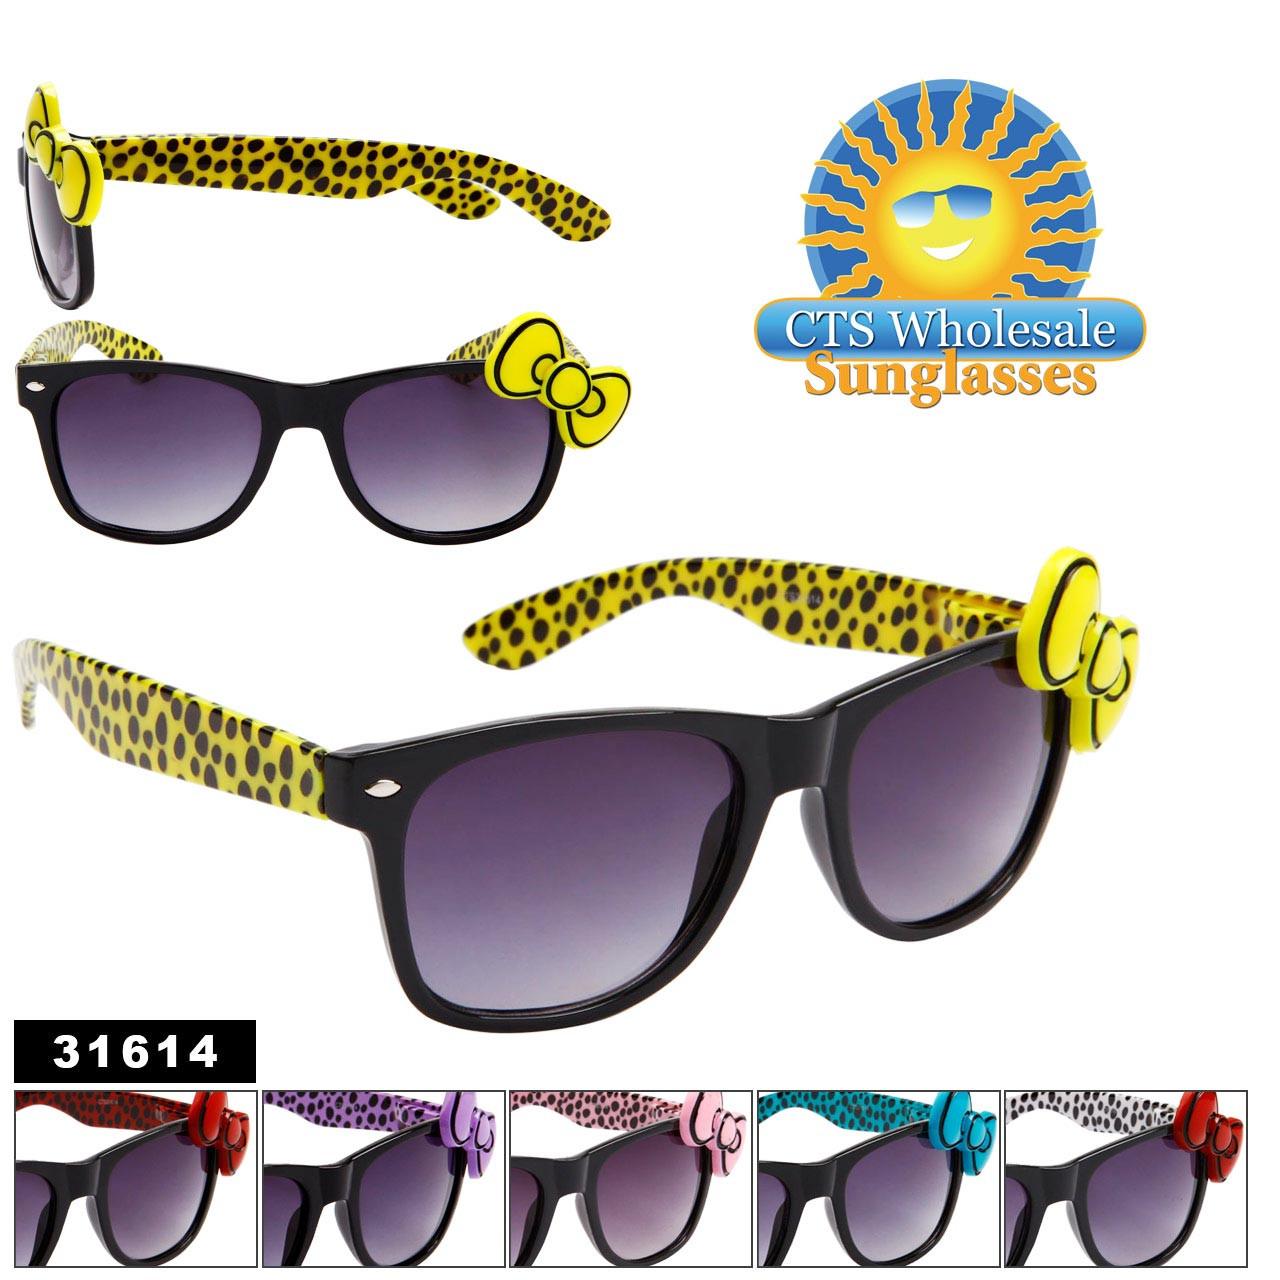 Bulk California Classics Sunglasses 31614 California Classics Bows! (Assorted Colors) (12 pcs.)